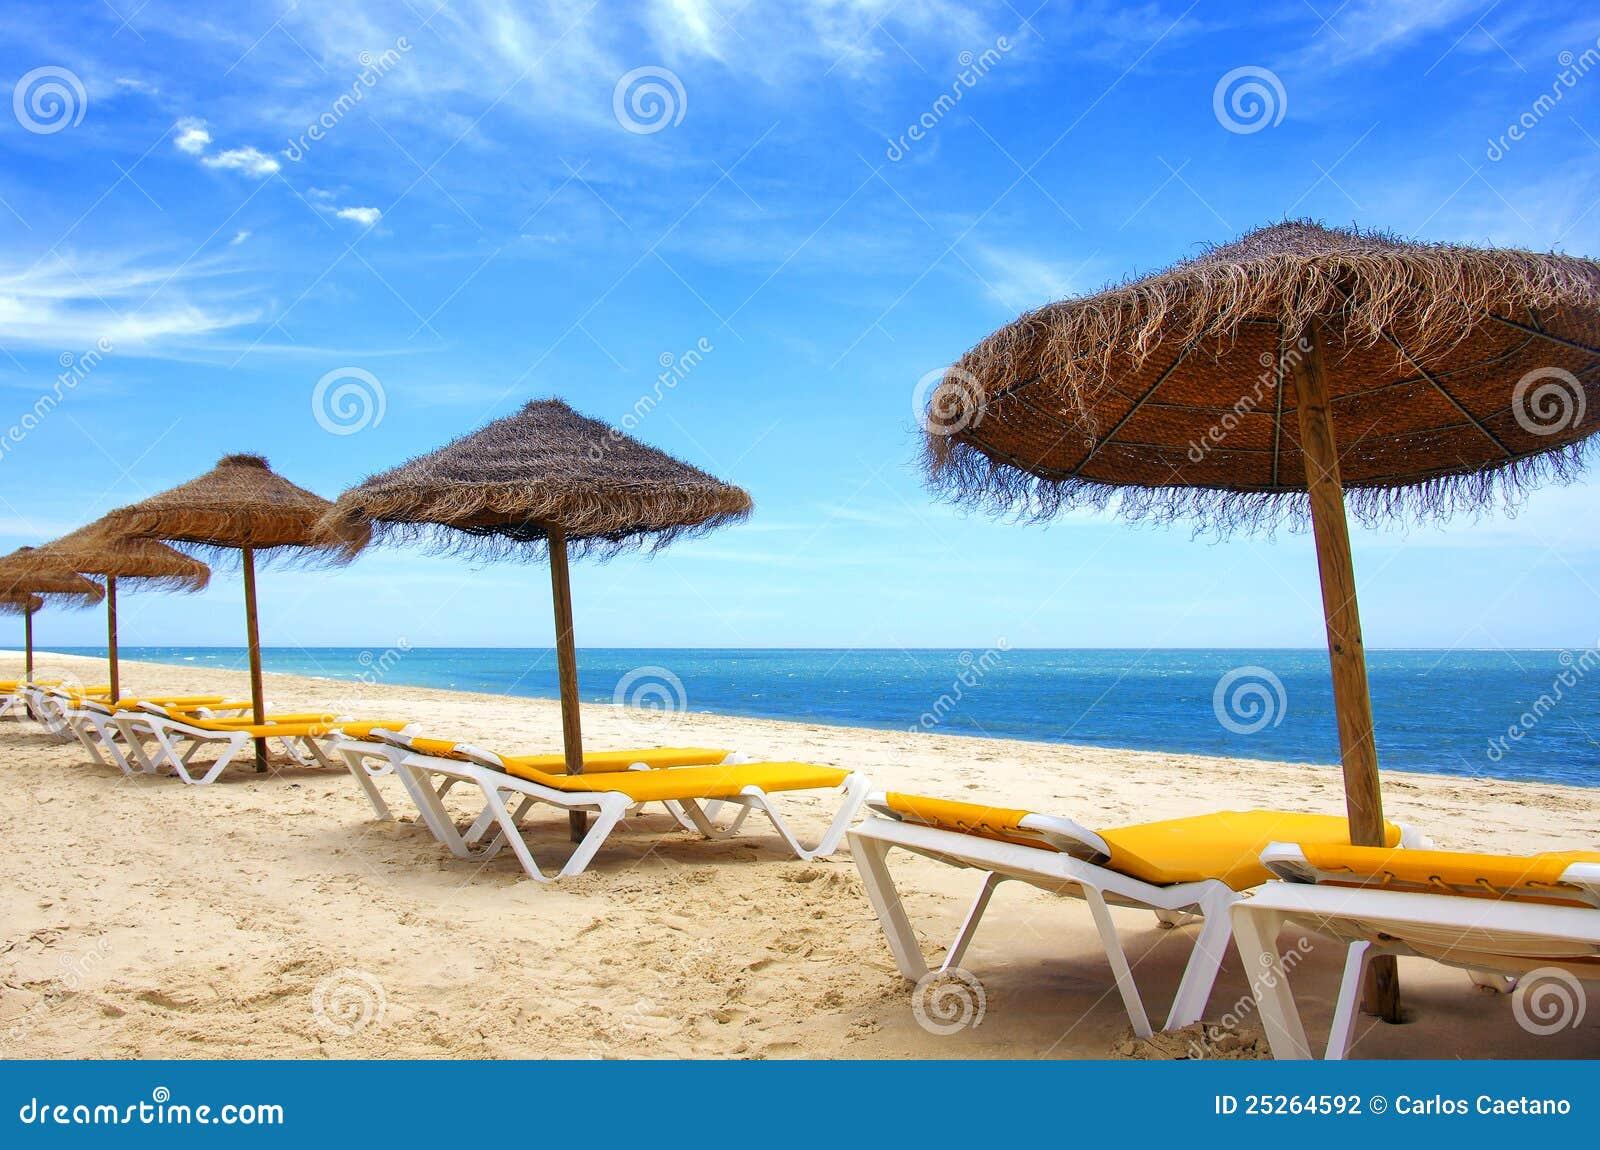 Sombrillas de la playa foto de archivo imagen de cielo - Sombrilla playa ...